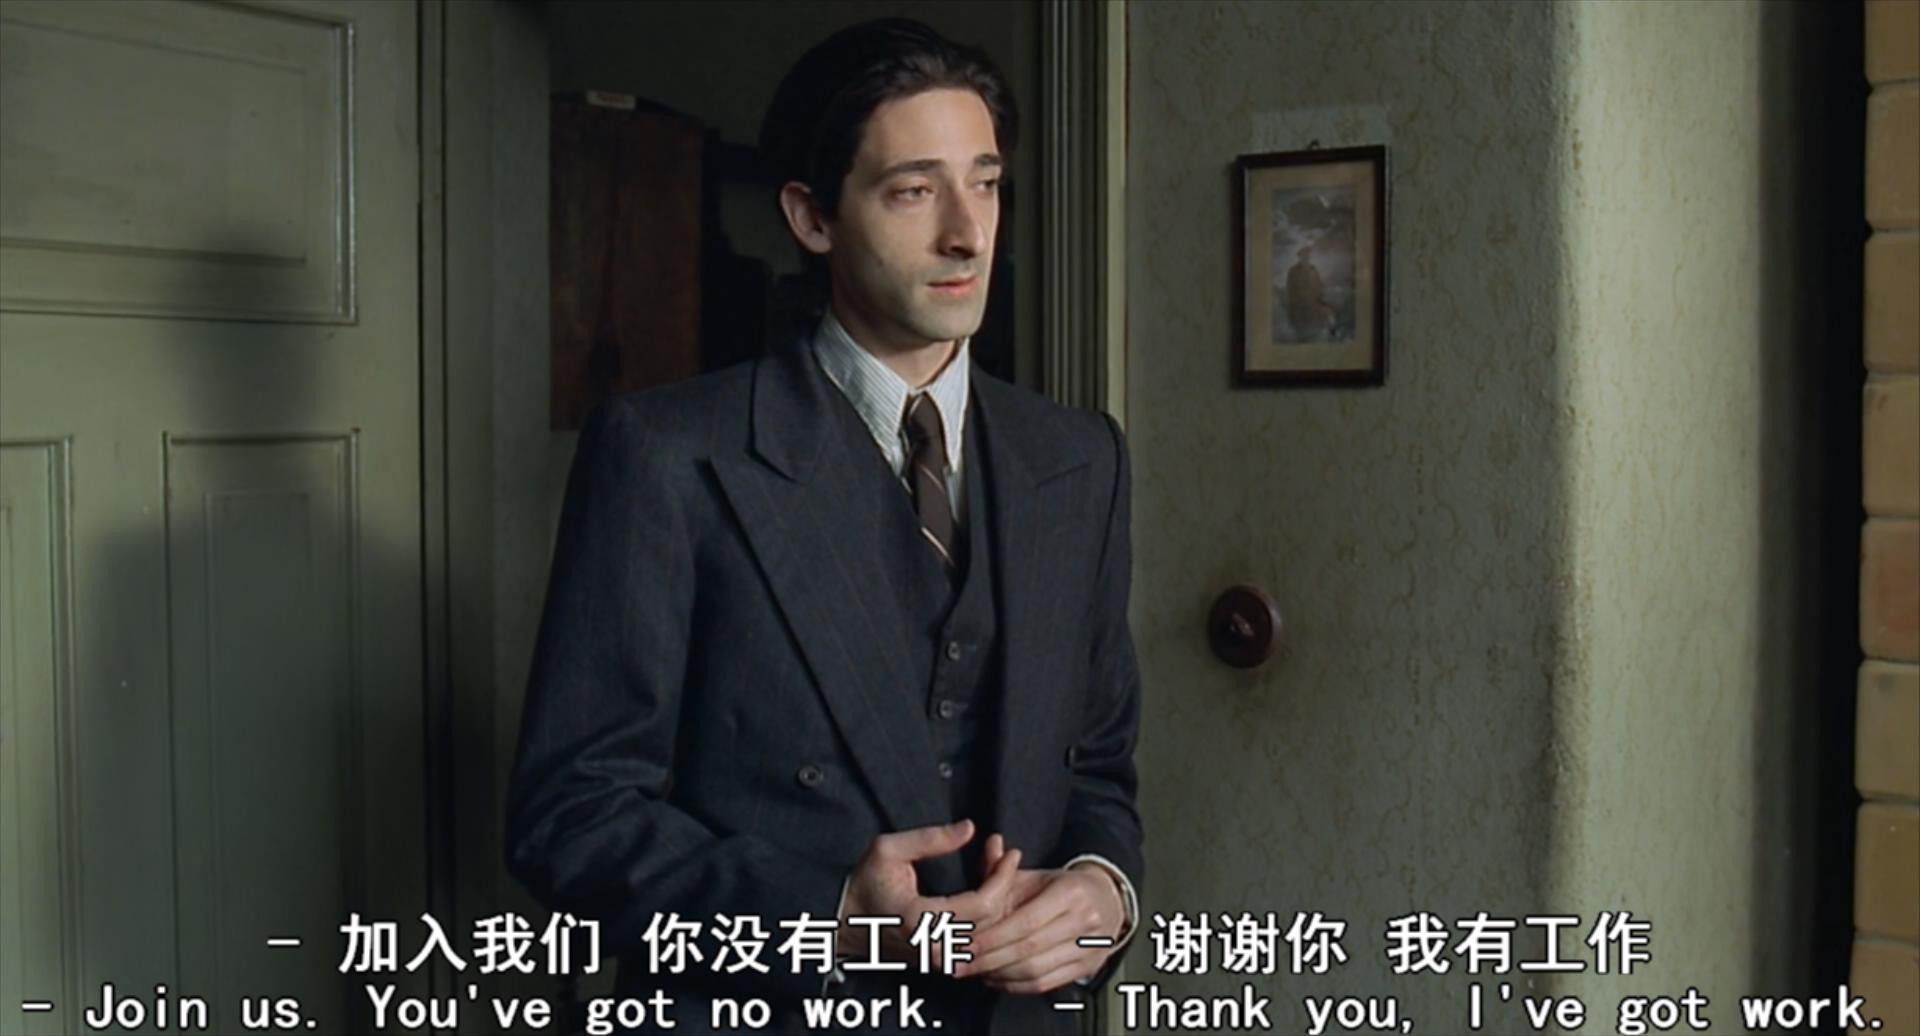 2002残酷剧情片《钢琴家》3800字,10分钟剧情解说稿-第2张图片